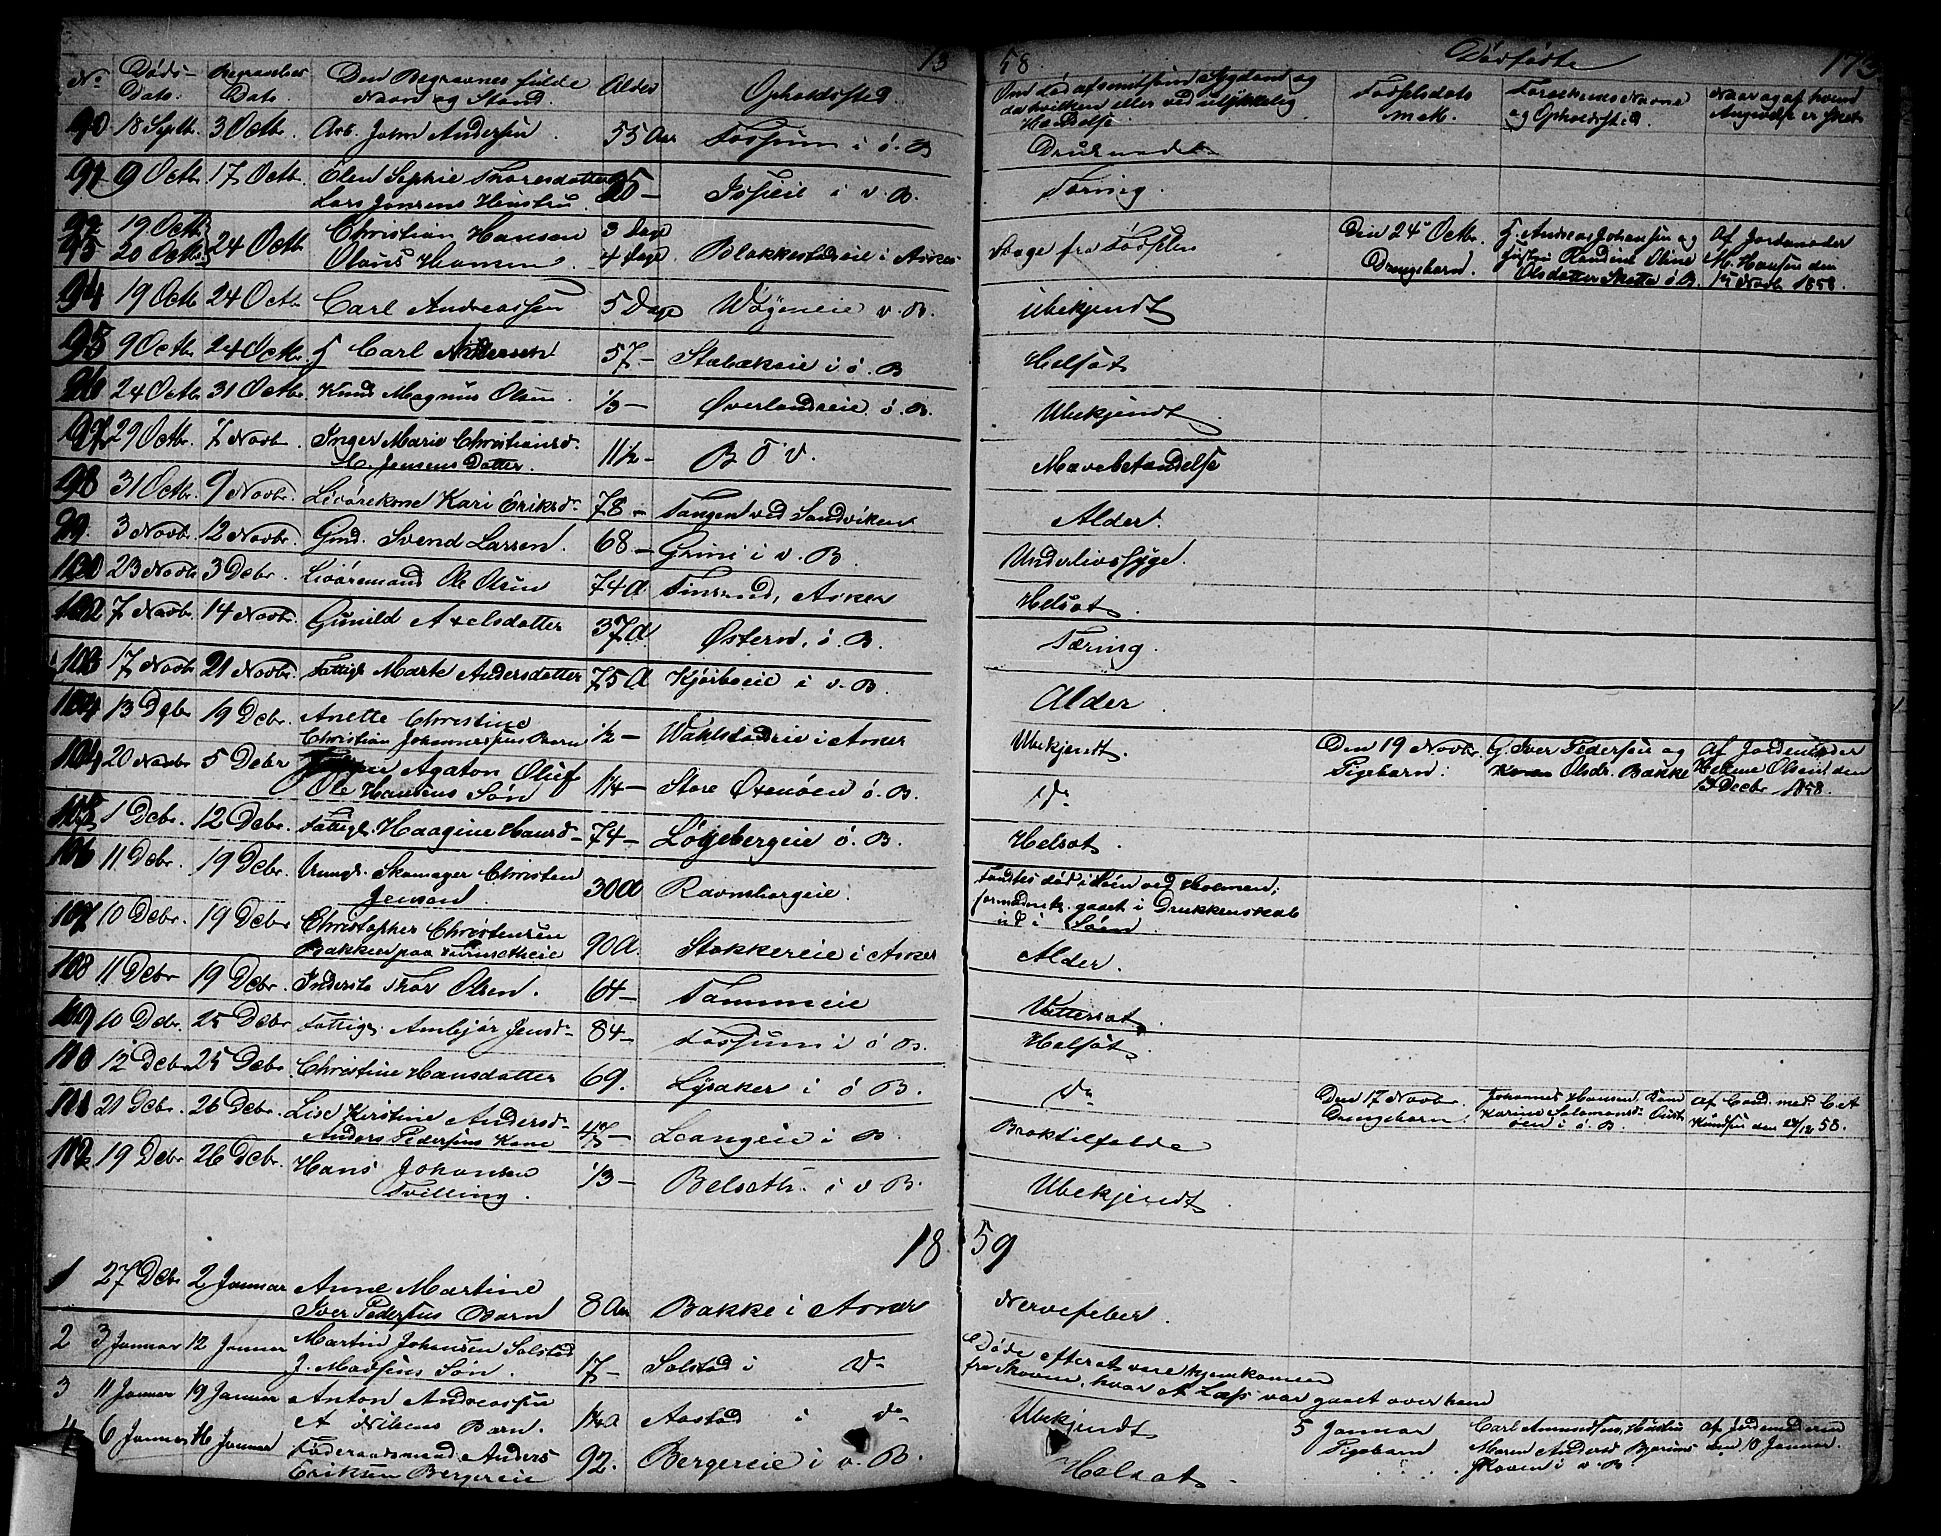 SAO, Asker prestekontor Kirkebøker, F/Fa/L0011: Ministerialbok nr. I 11, 1825-1878, s. 173